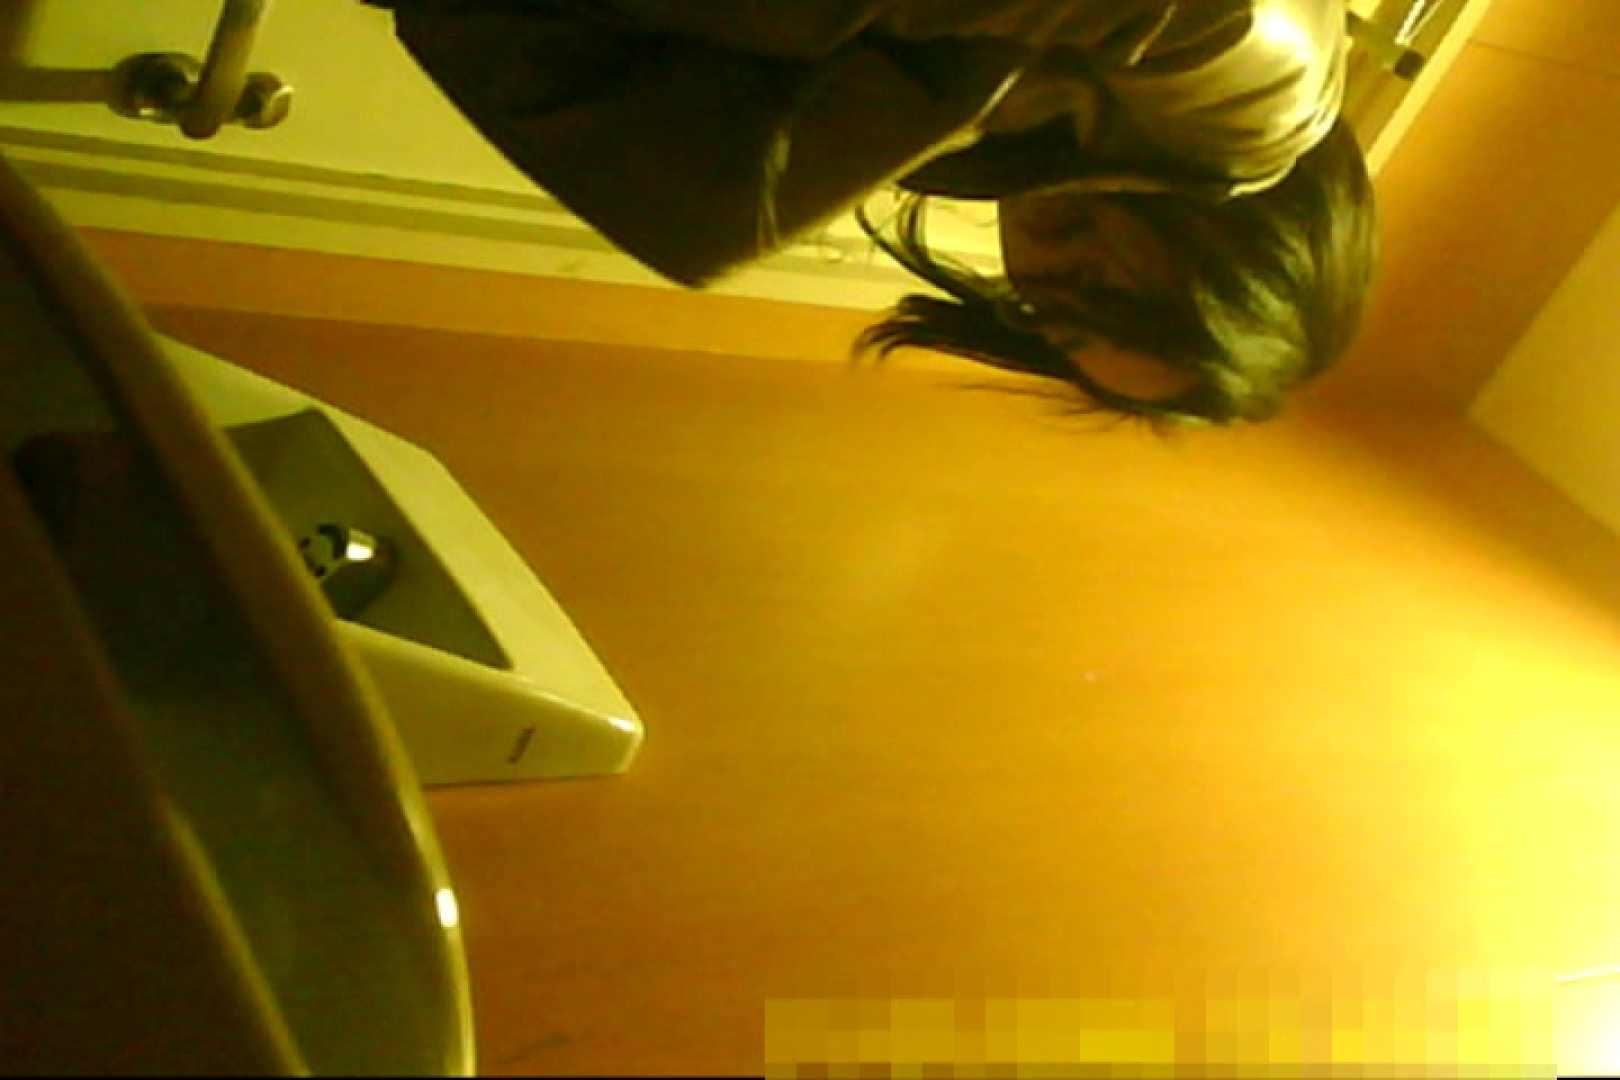 魅惑の化粧室~禁断のプライベート空間~29 プライベート | 盗撮師作品  87pic 27